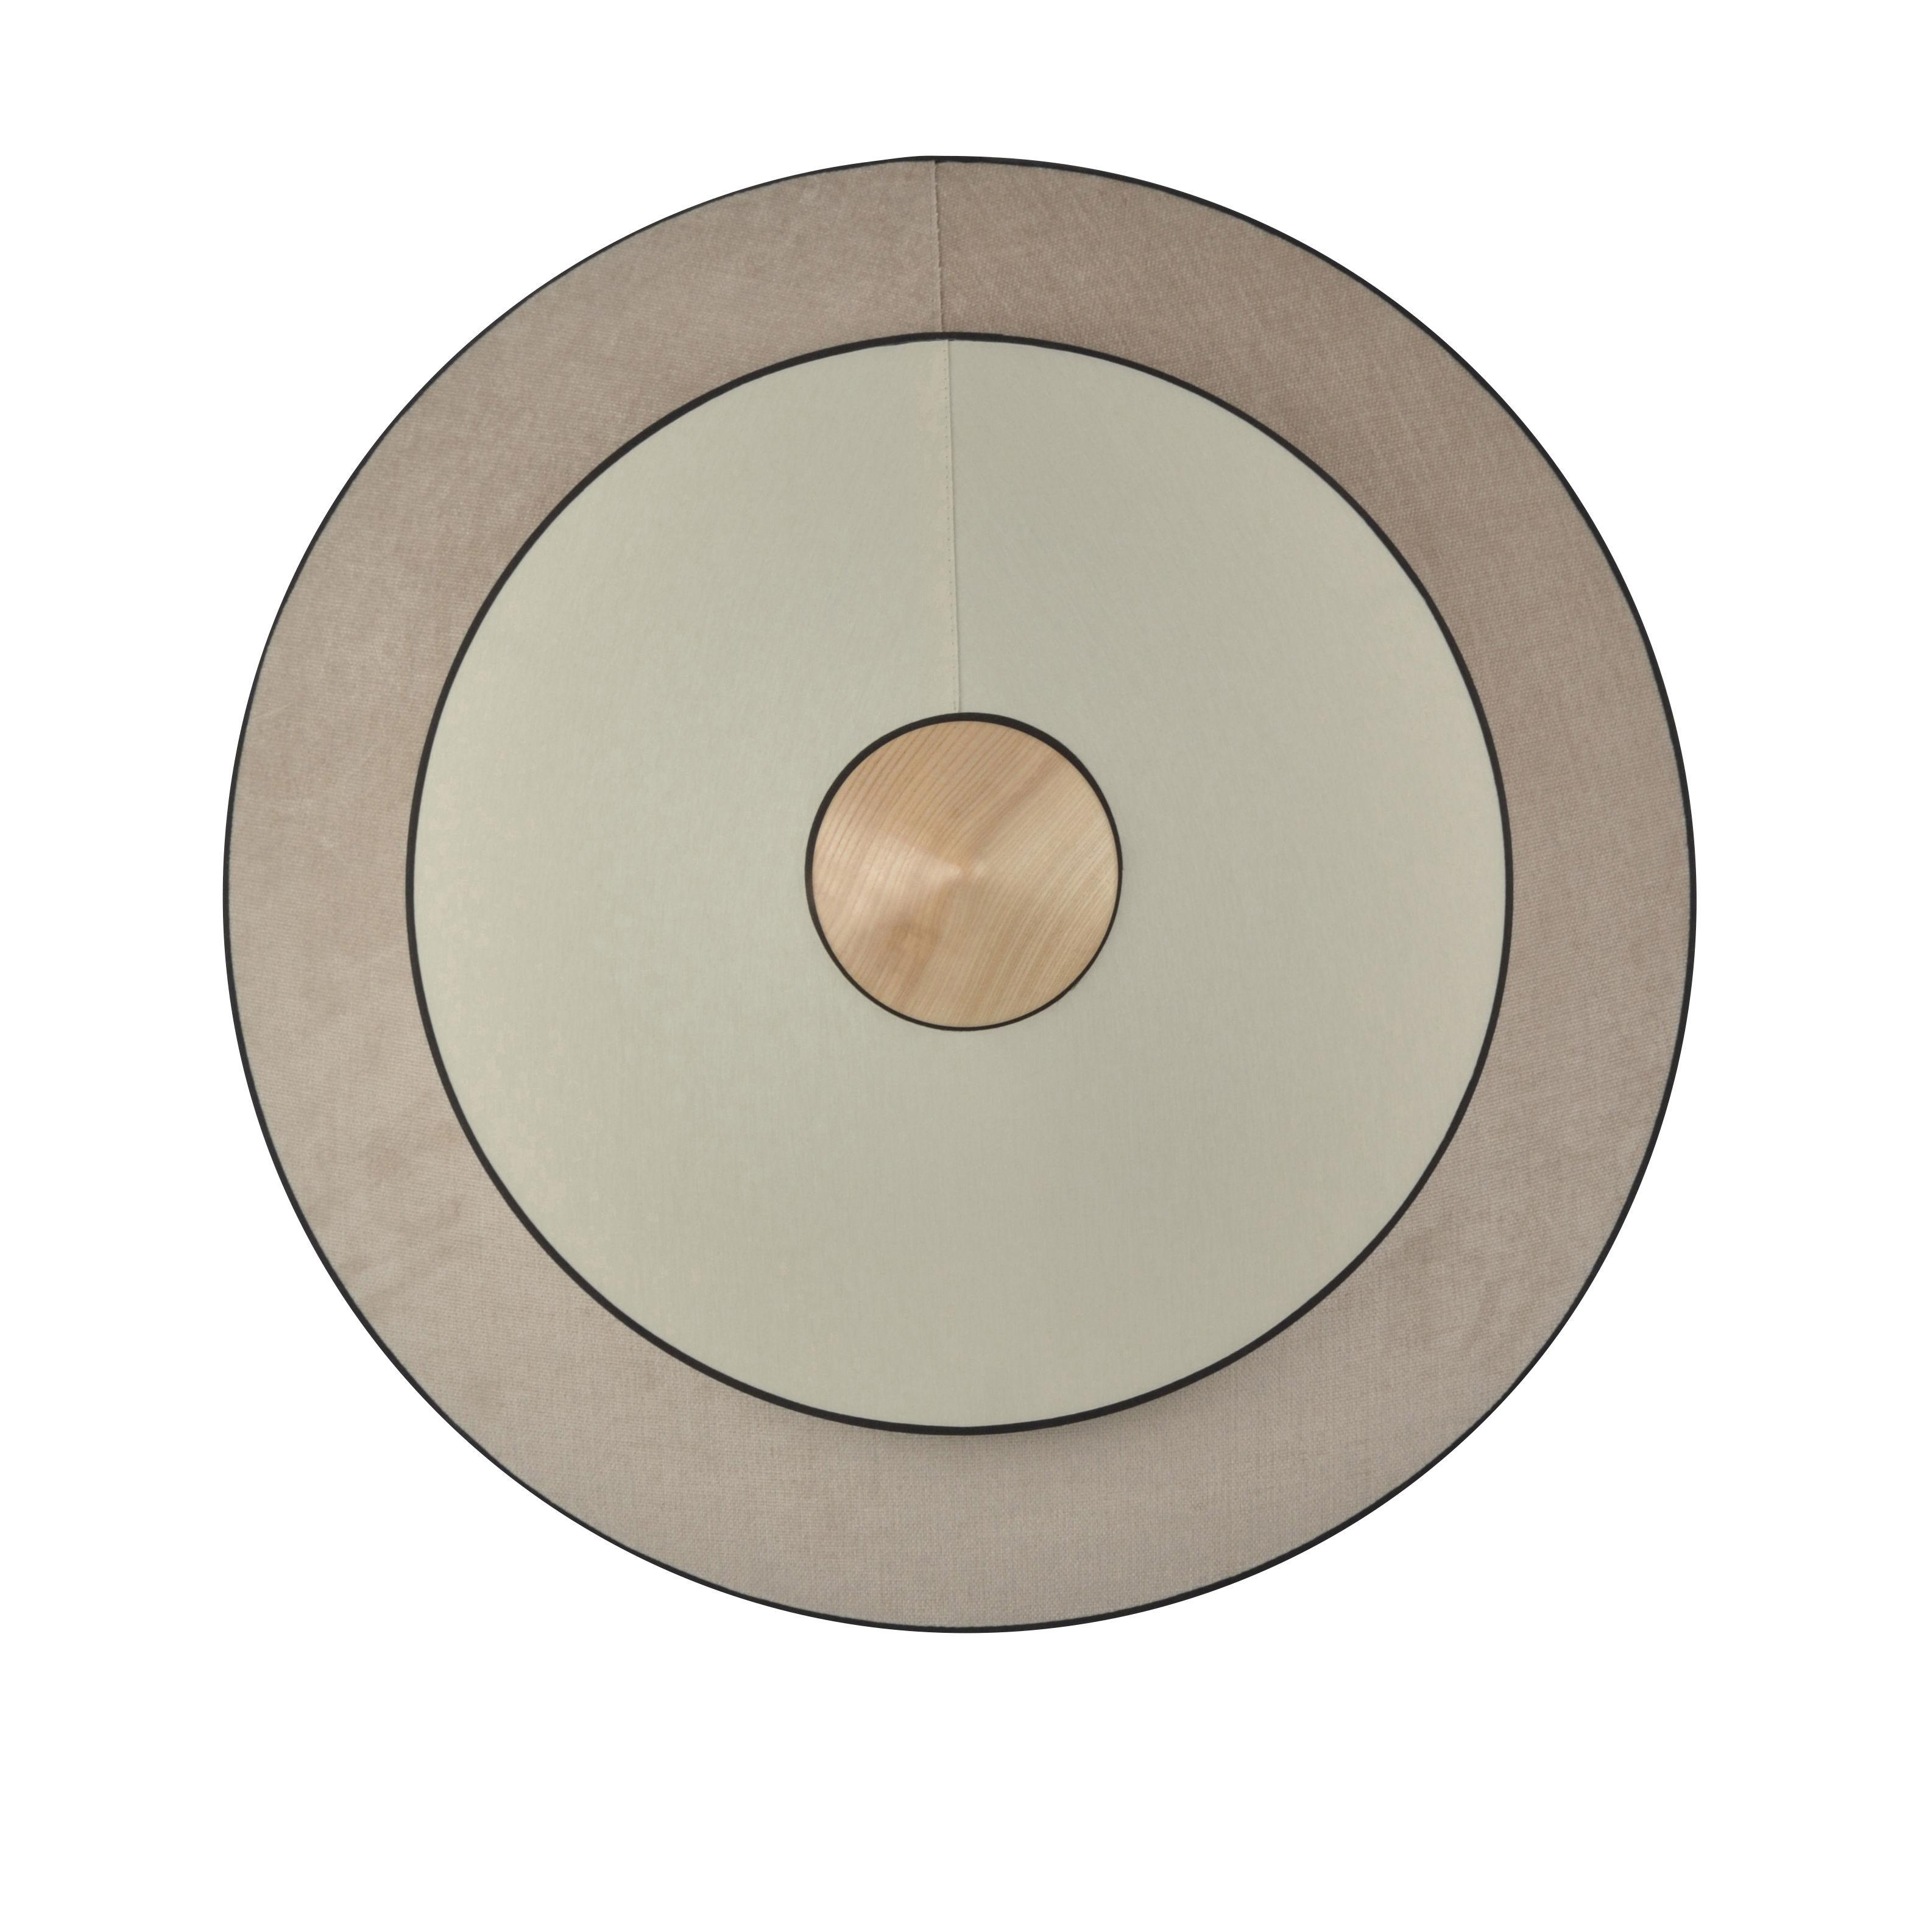 Illuminazione - Lampade da parete - Applique Cymbal LED - / Large - Ø 70 cm - Tessuto di Forestier - Naturale - Coton tissé, Rovere, Velluto